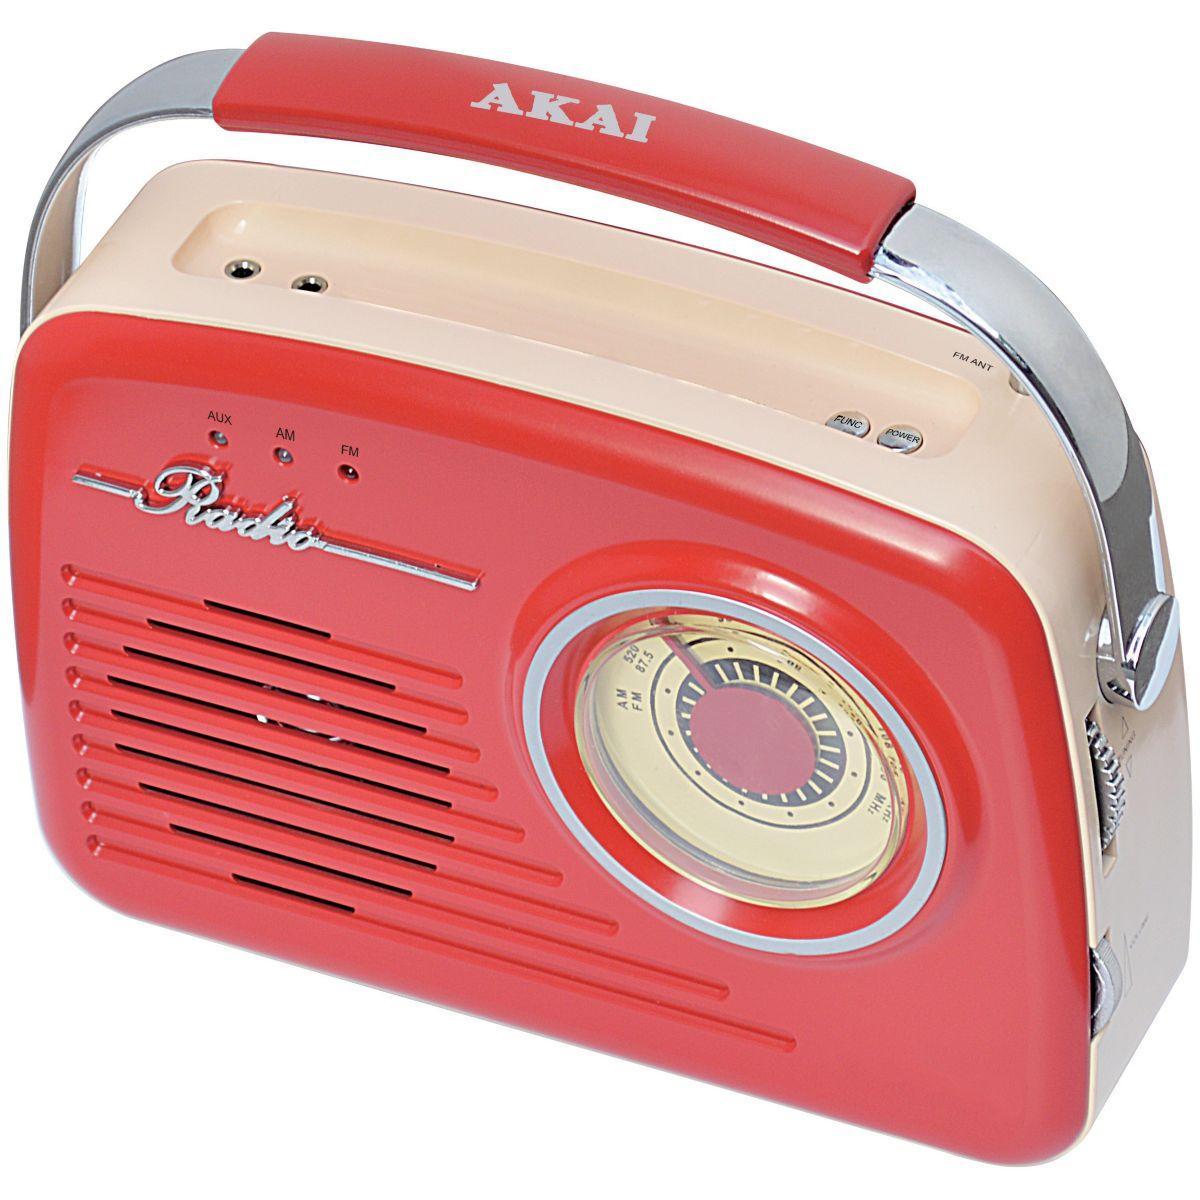 Radio akai ar-78 rouge - 20% de remise imm�diate avec le code : fete20 (photo)